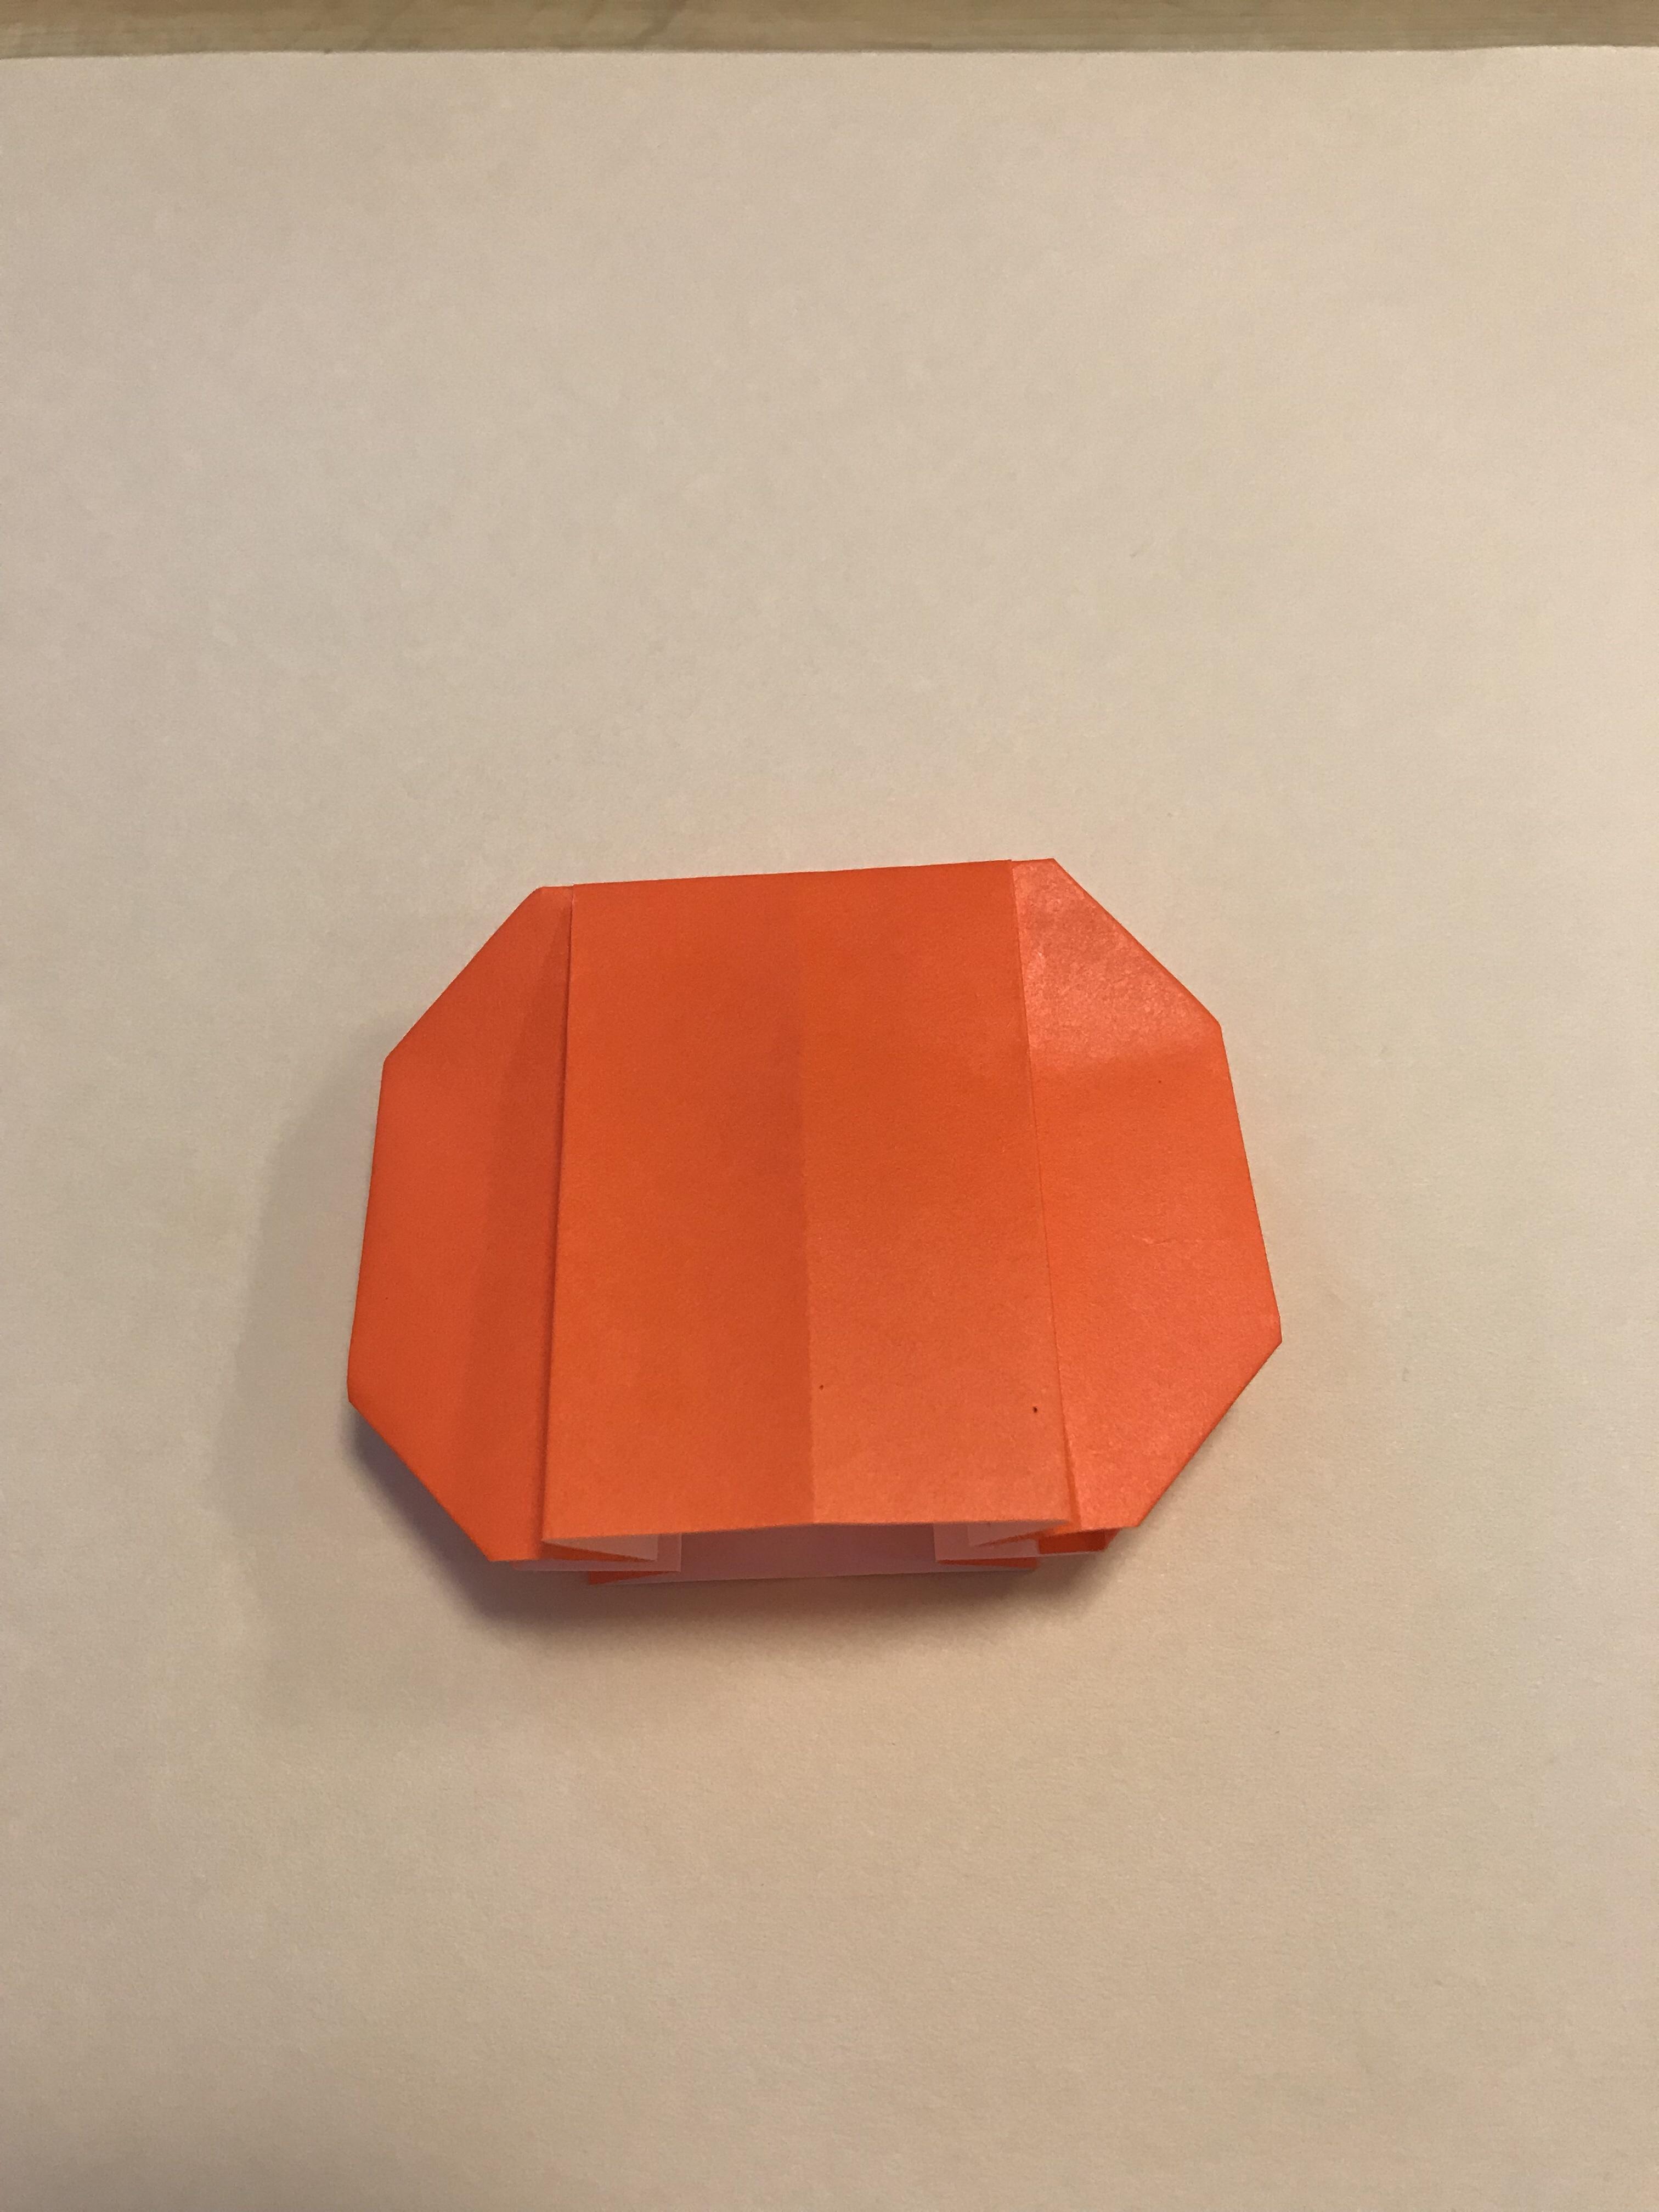 四隅を折り込んで、かぼちゃの形が完成した図。